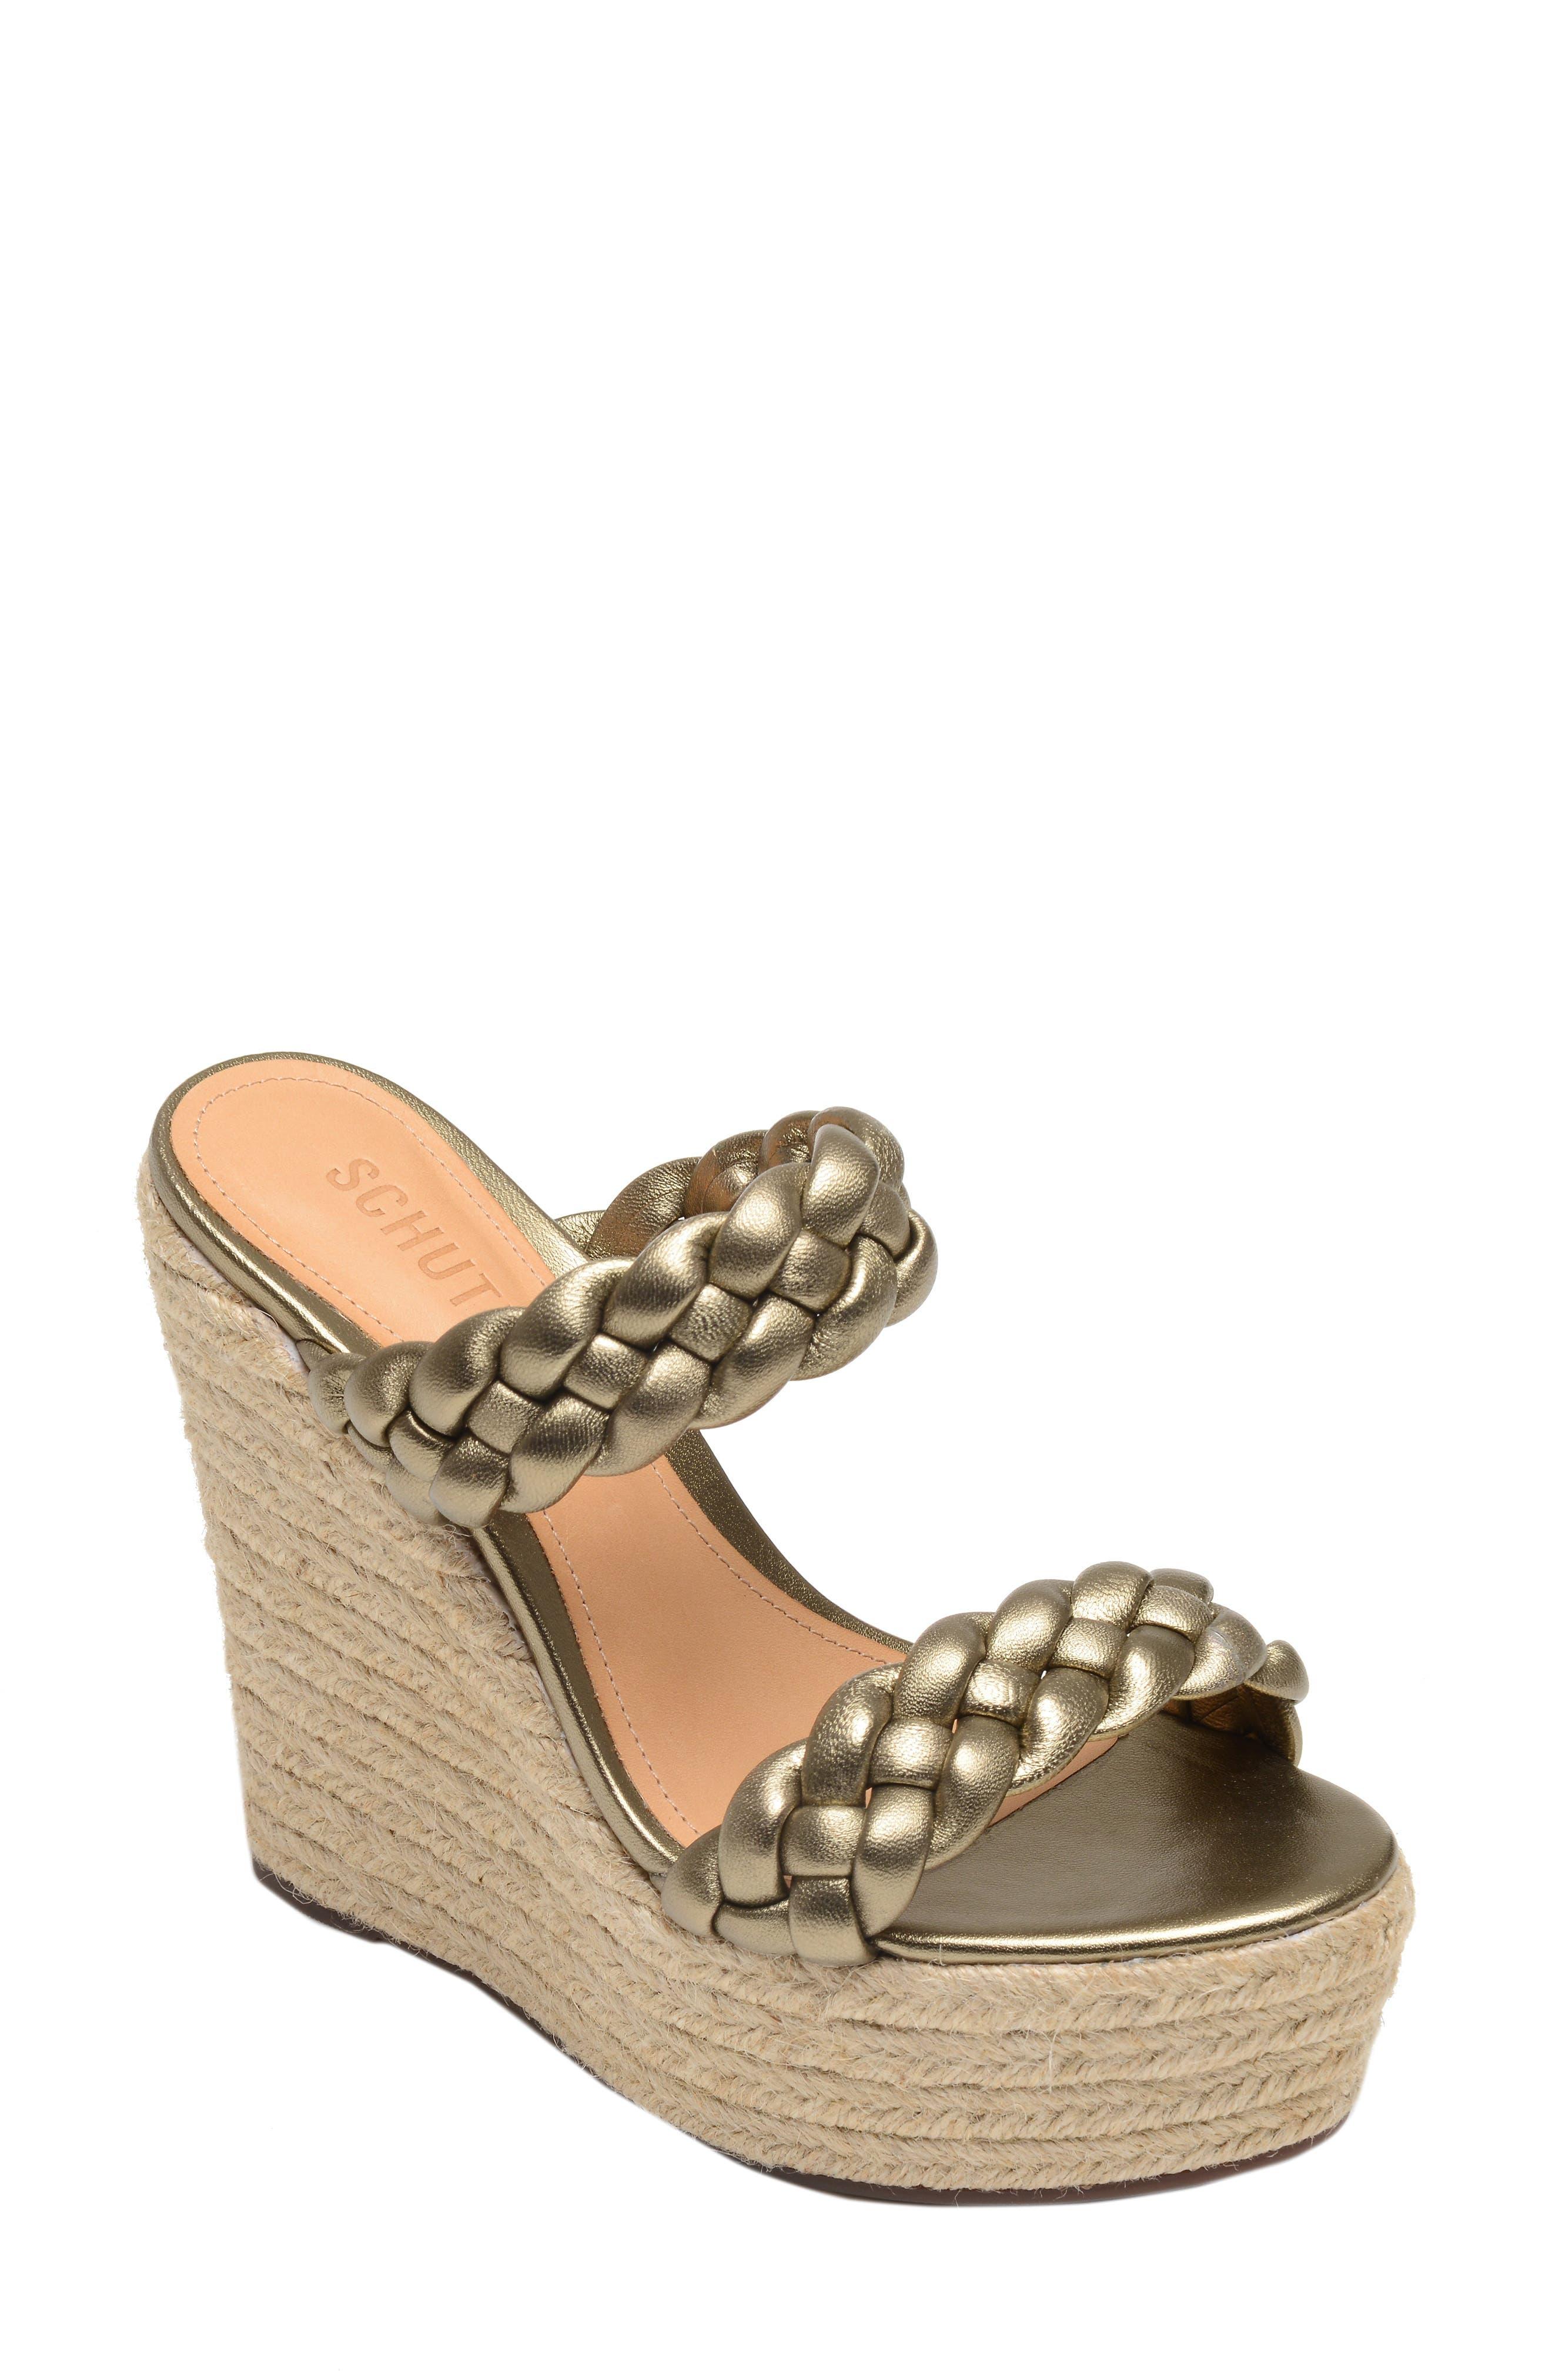 SCHUTZ, Dyandre Platform Wedge Slide Sandal, Main thumbnail 1, color, ALE WASH